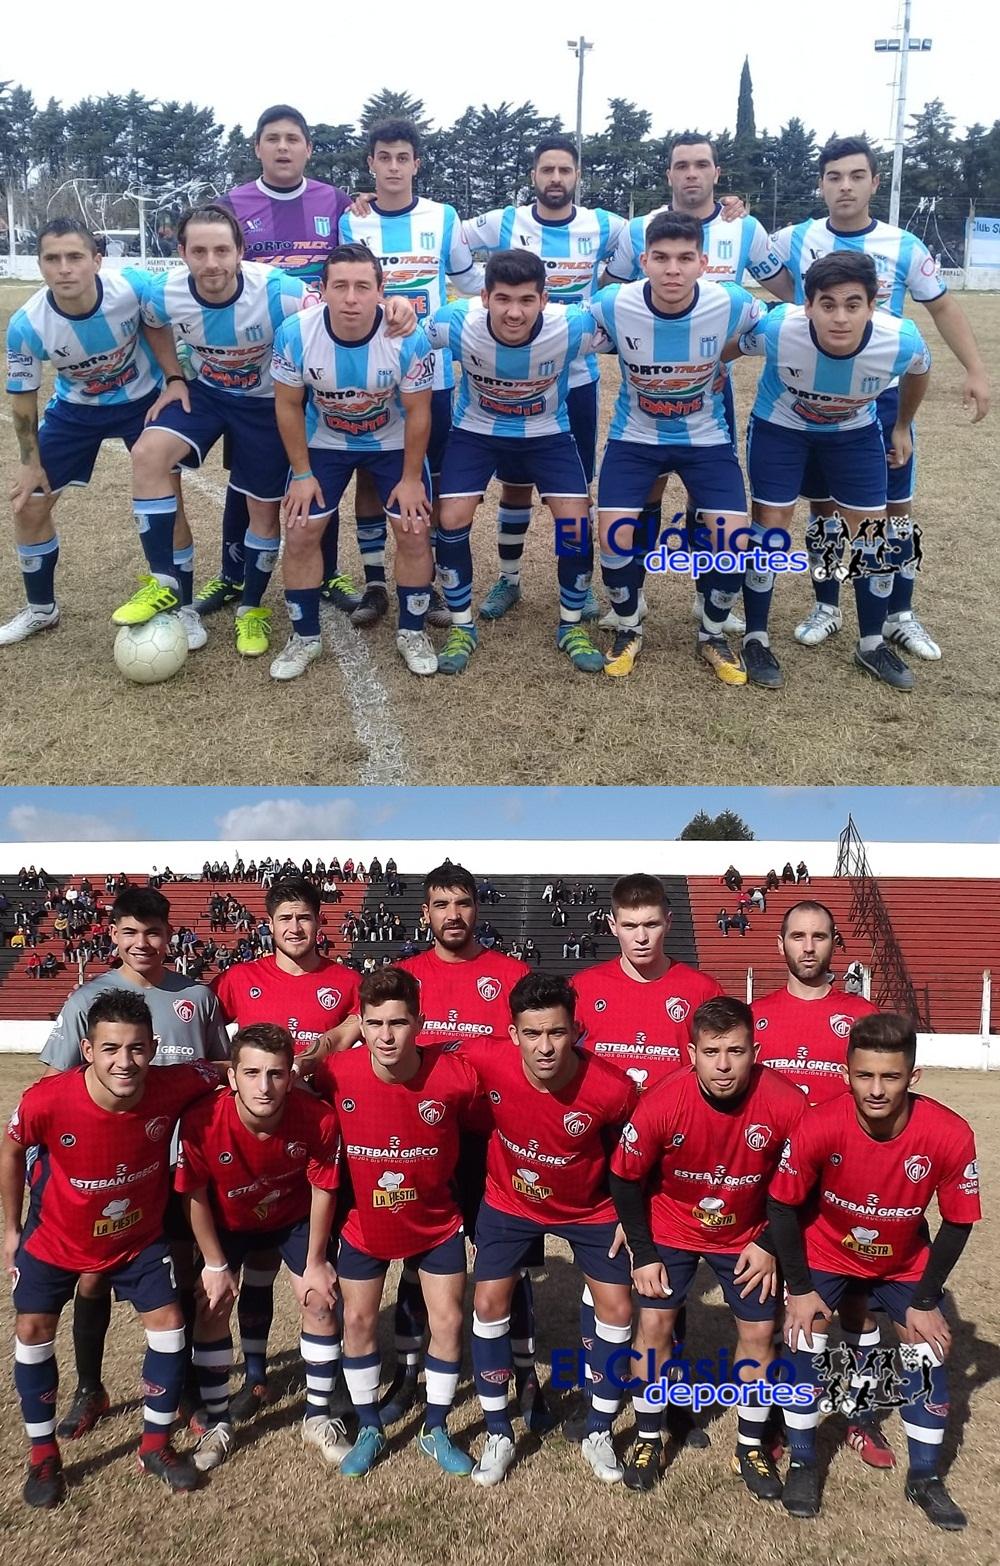 Las finales del Torneo Apertura en todas sus divisiones